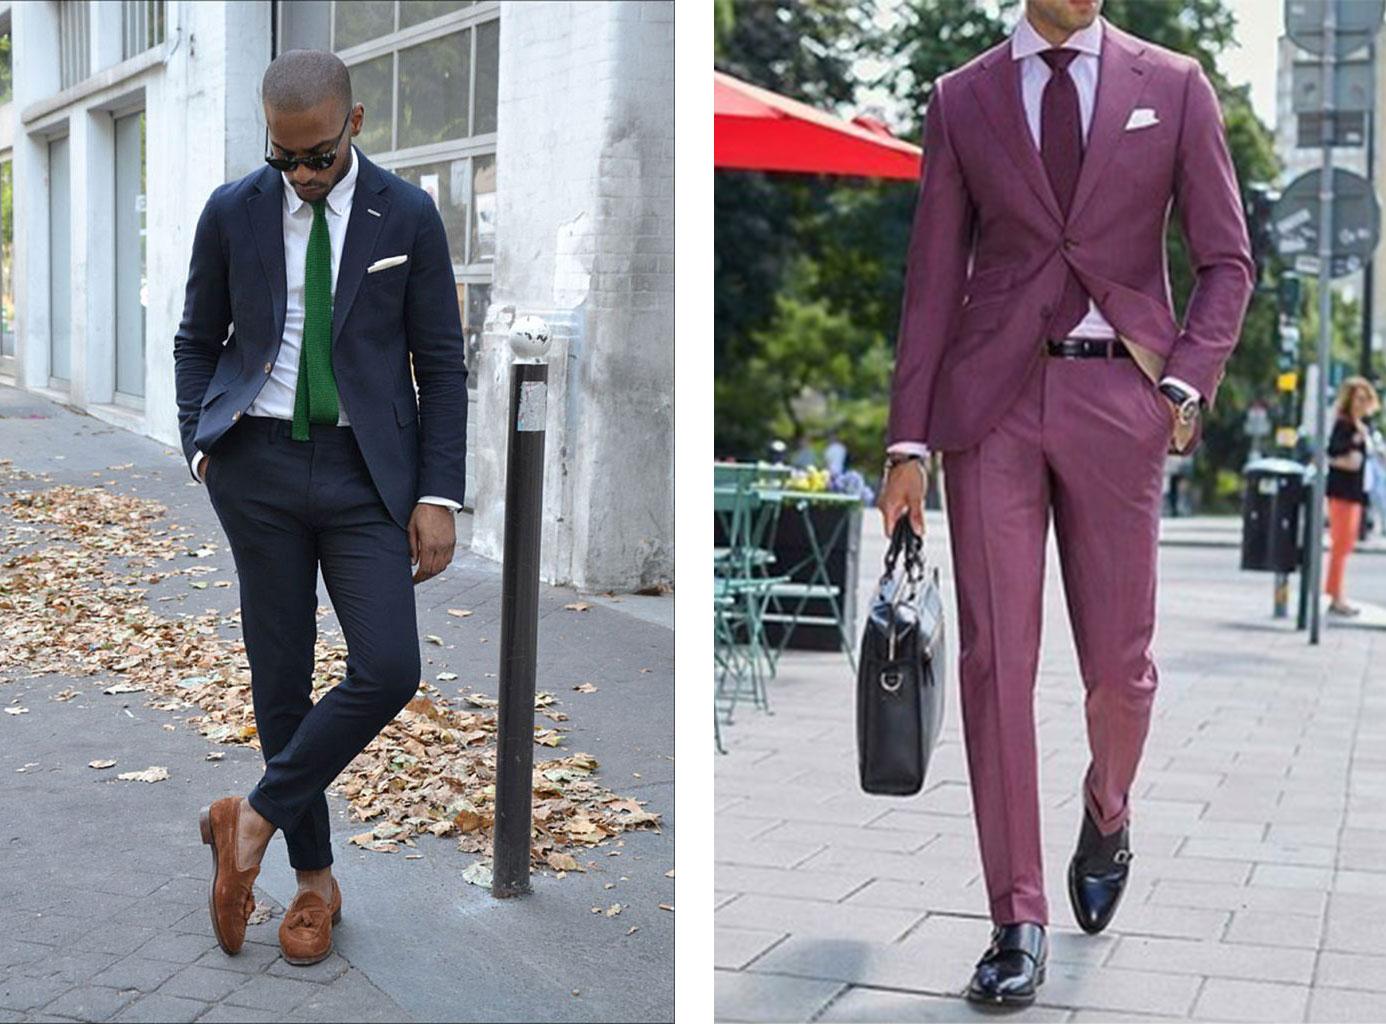 8830d19c Den navyblå farve på jakken og det grønne slips er endnu et super match.  Hvis man vil gå en lidt anden vej, kan man benytte en lyserød skjorte  sammen med et ...